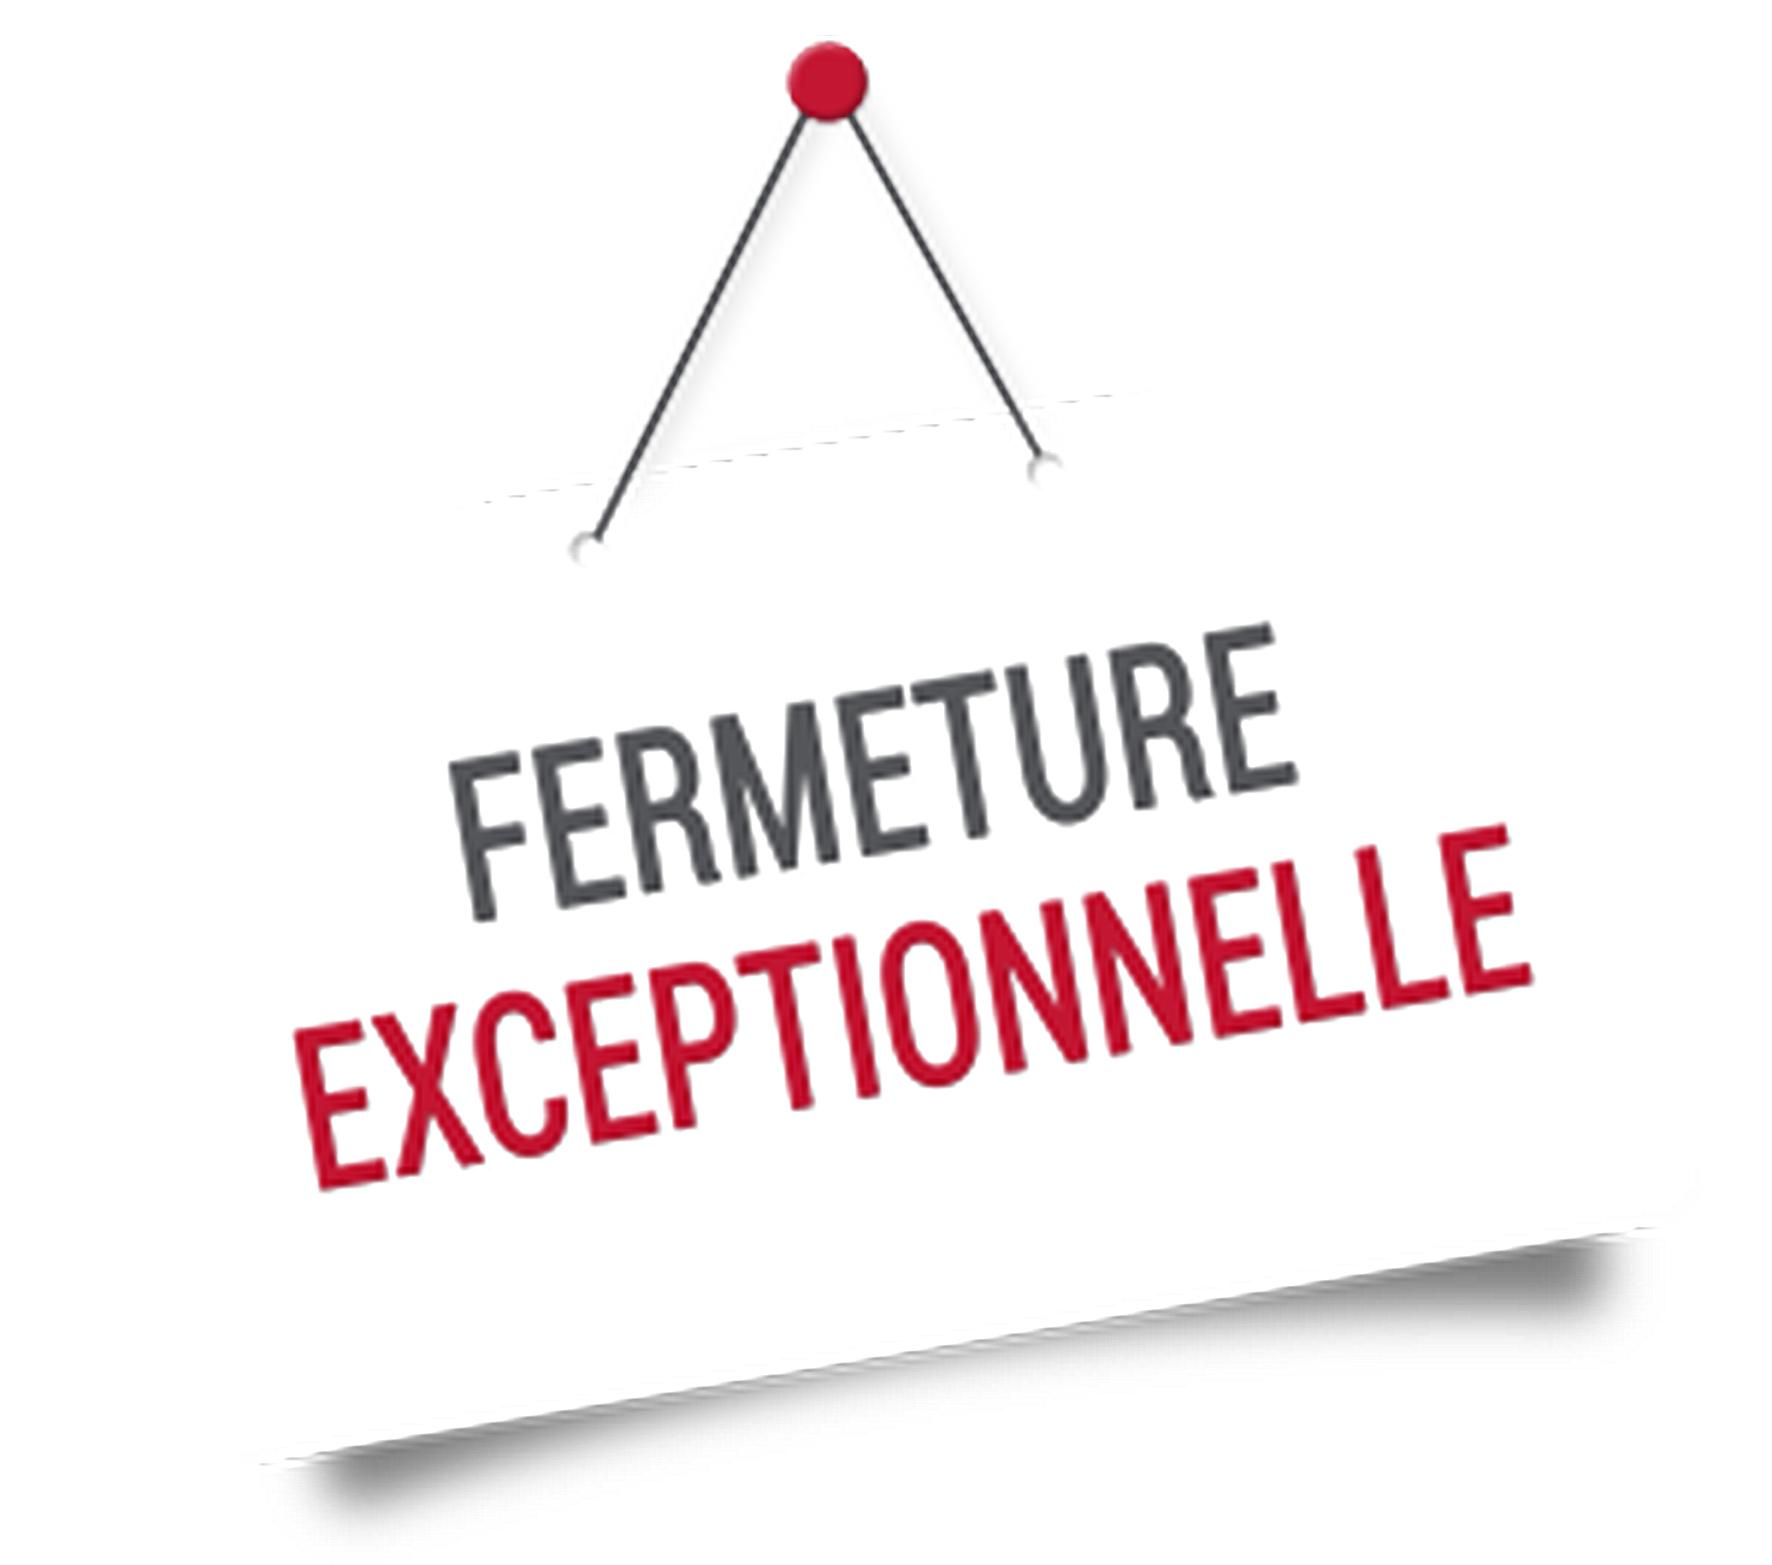 Fermexceptionl 300x265